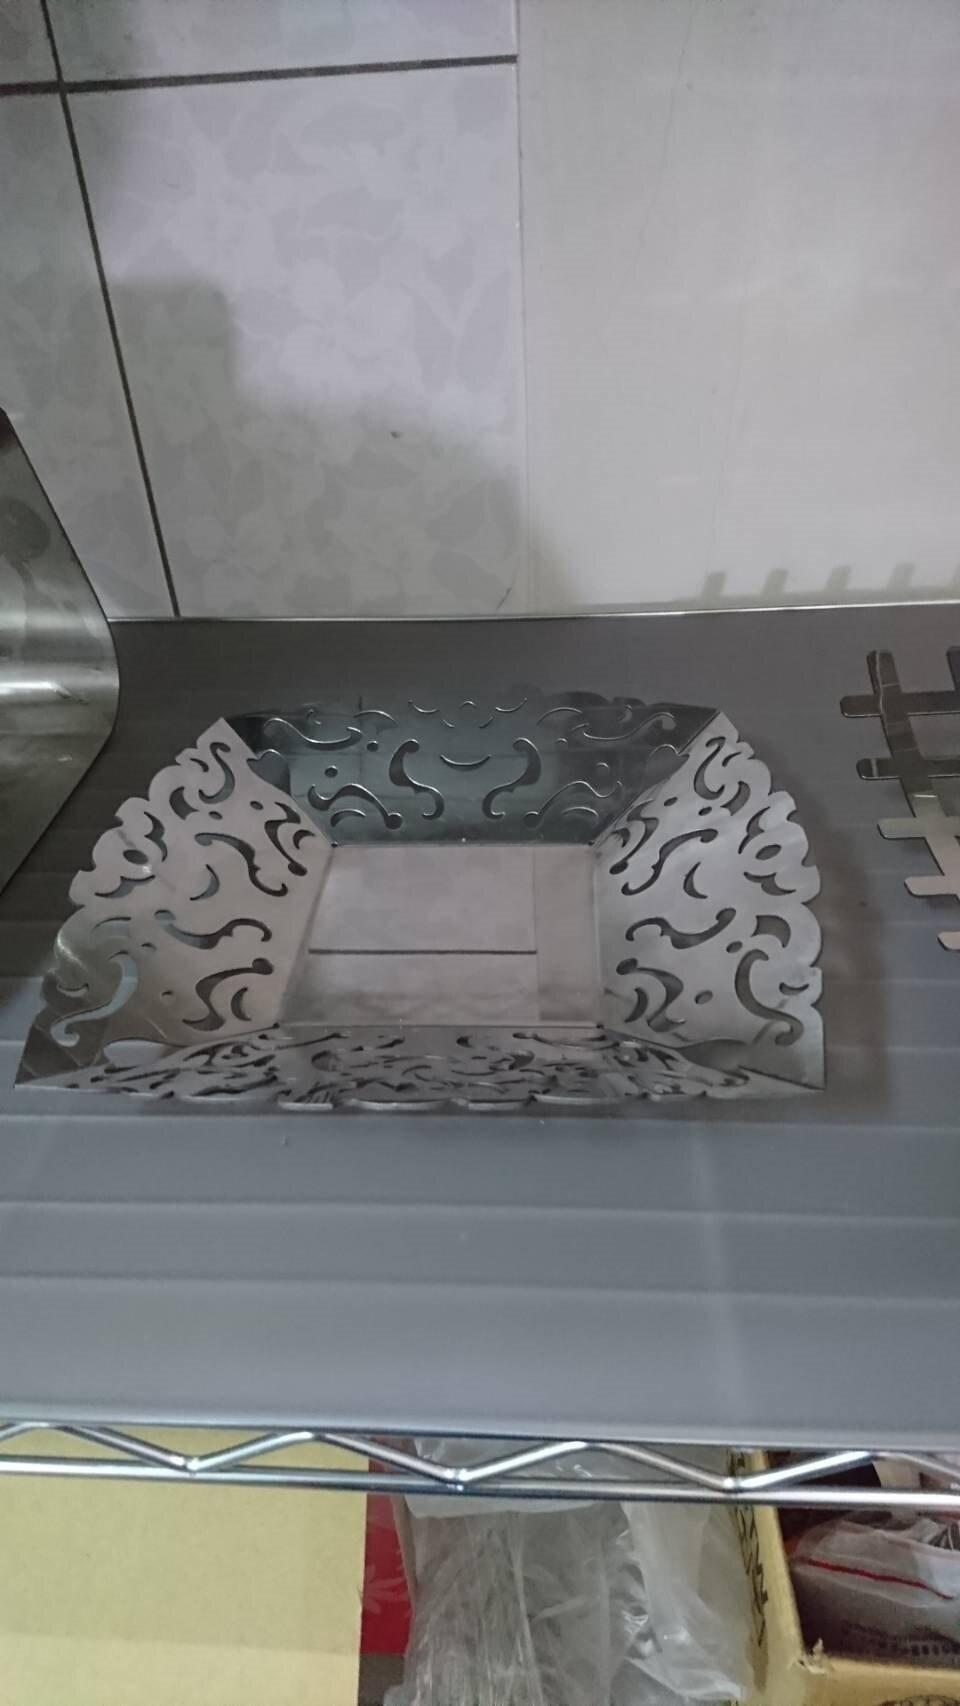 限量  金屬創作品 可裝水果及糕餅 不鏽鋼304材料